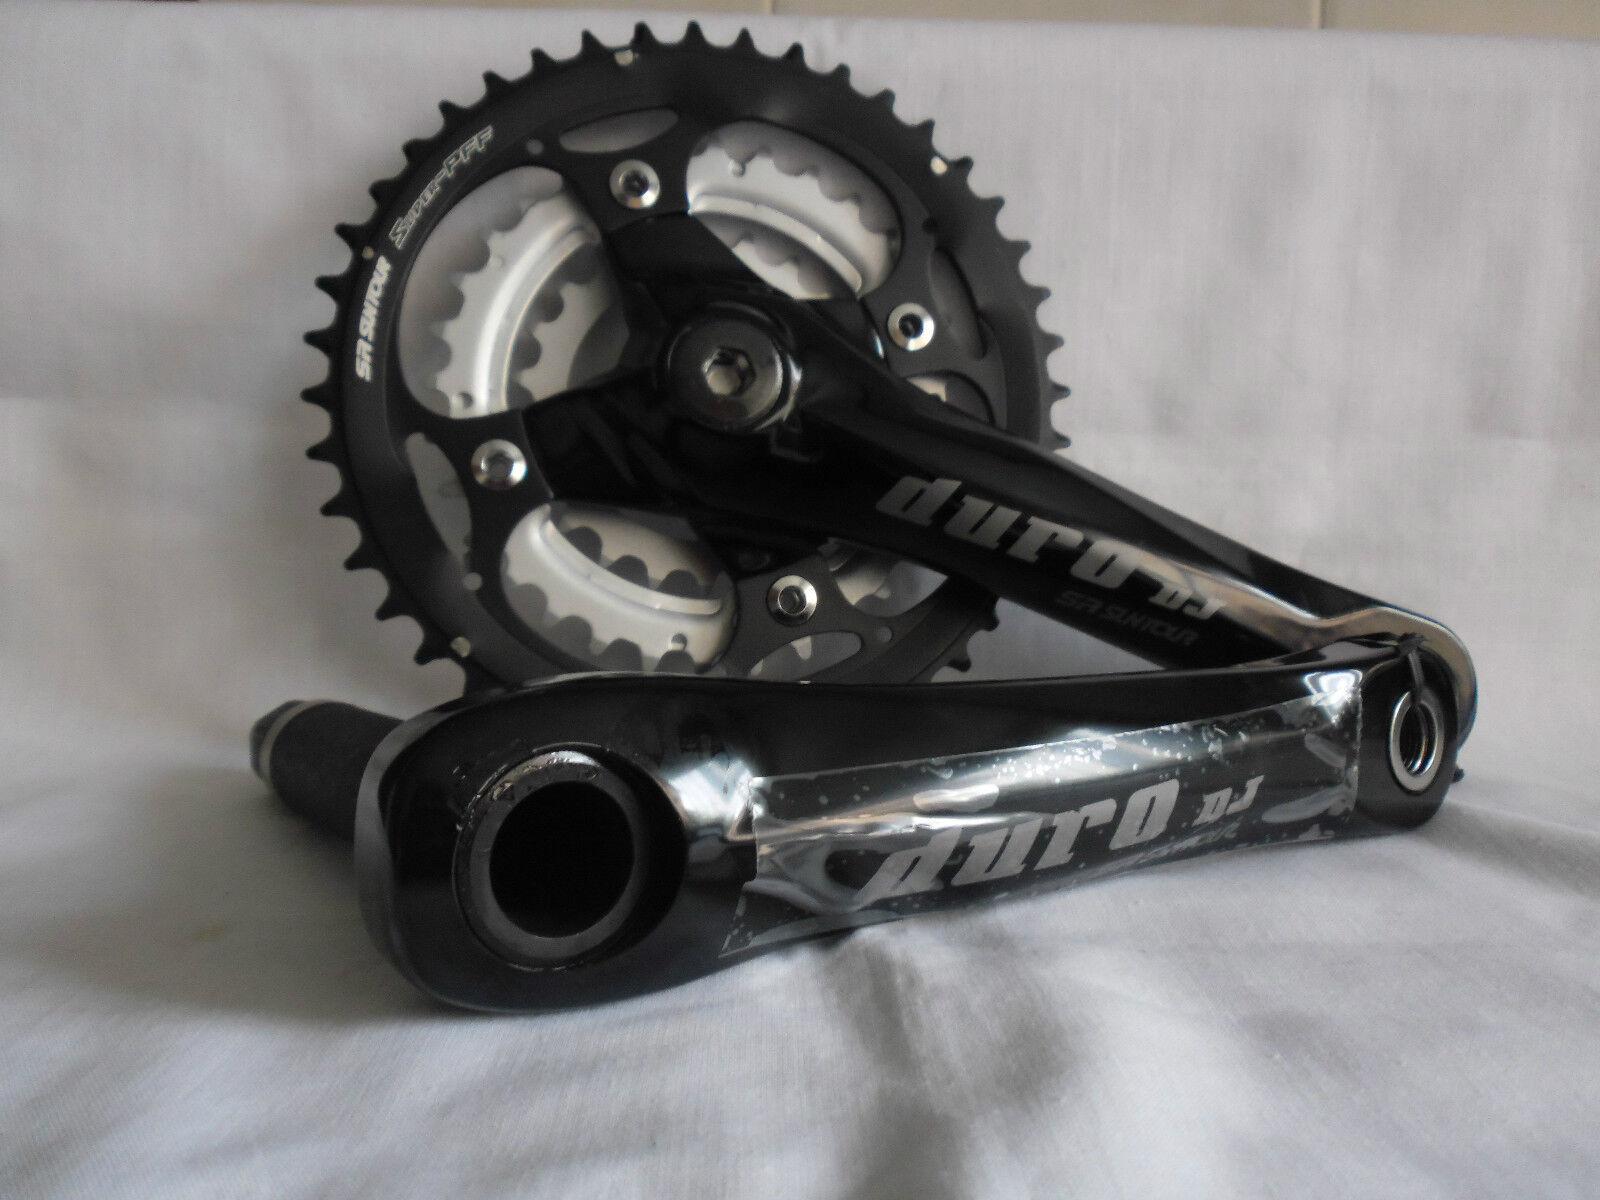 BICI SR SUNTOUR duro pedaliera in 443222 T SCW052